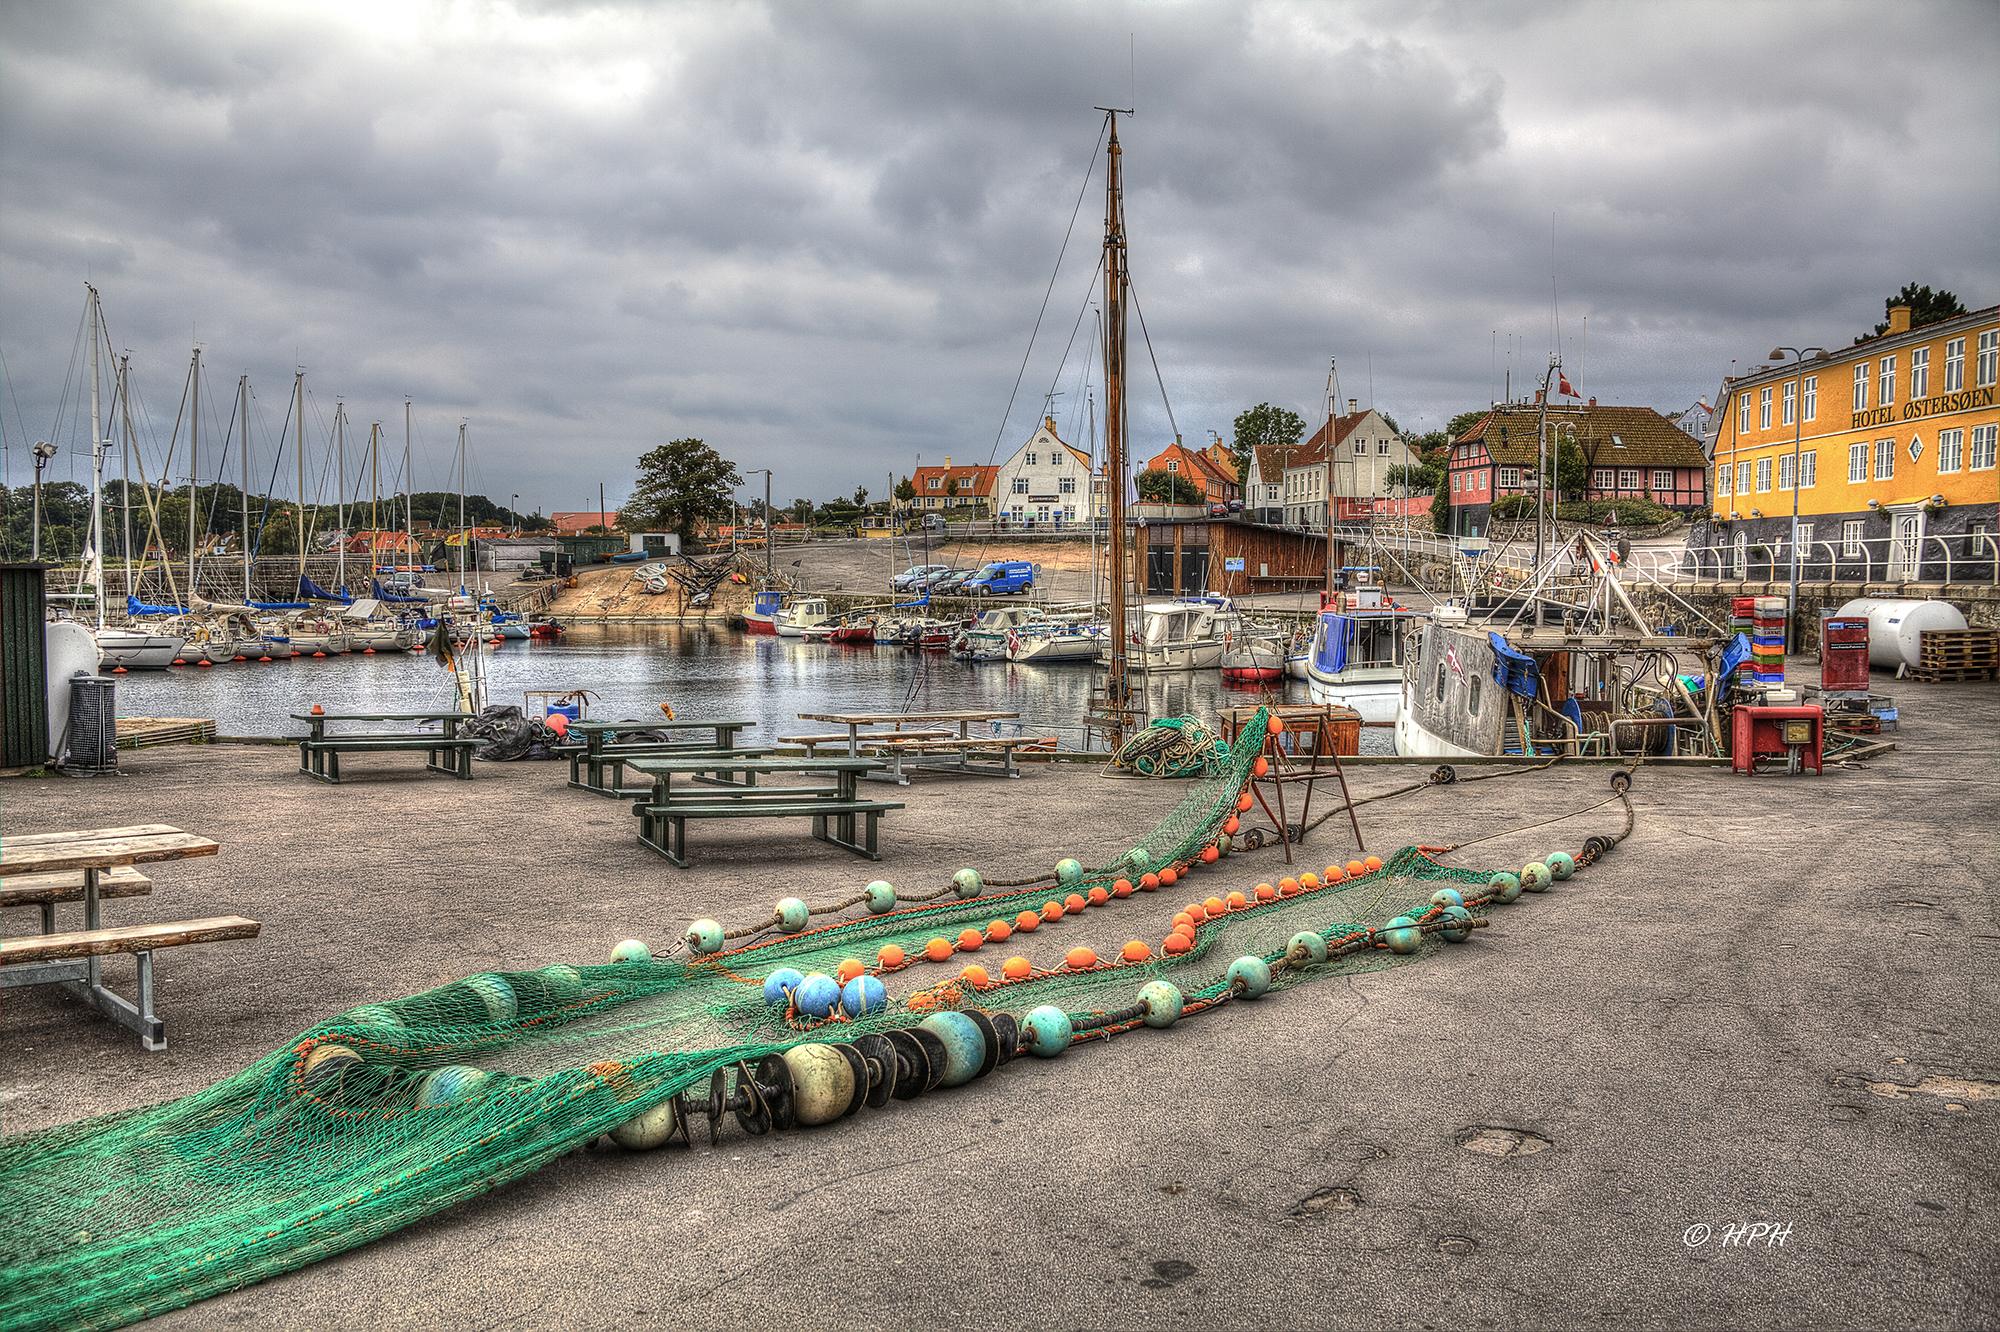 Svaneke harbour, Denmark